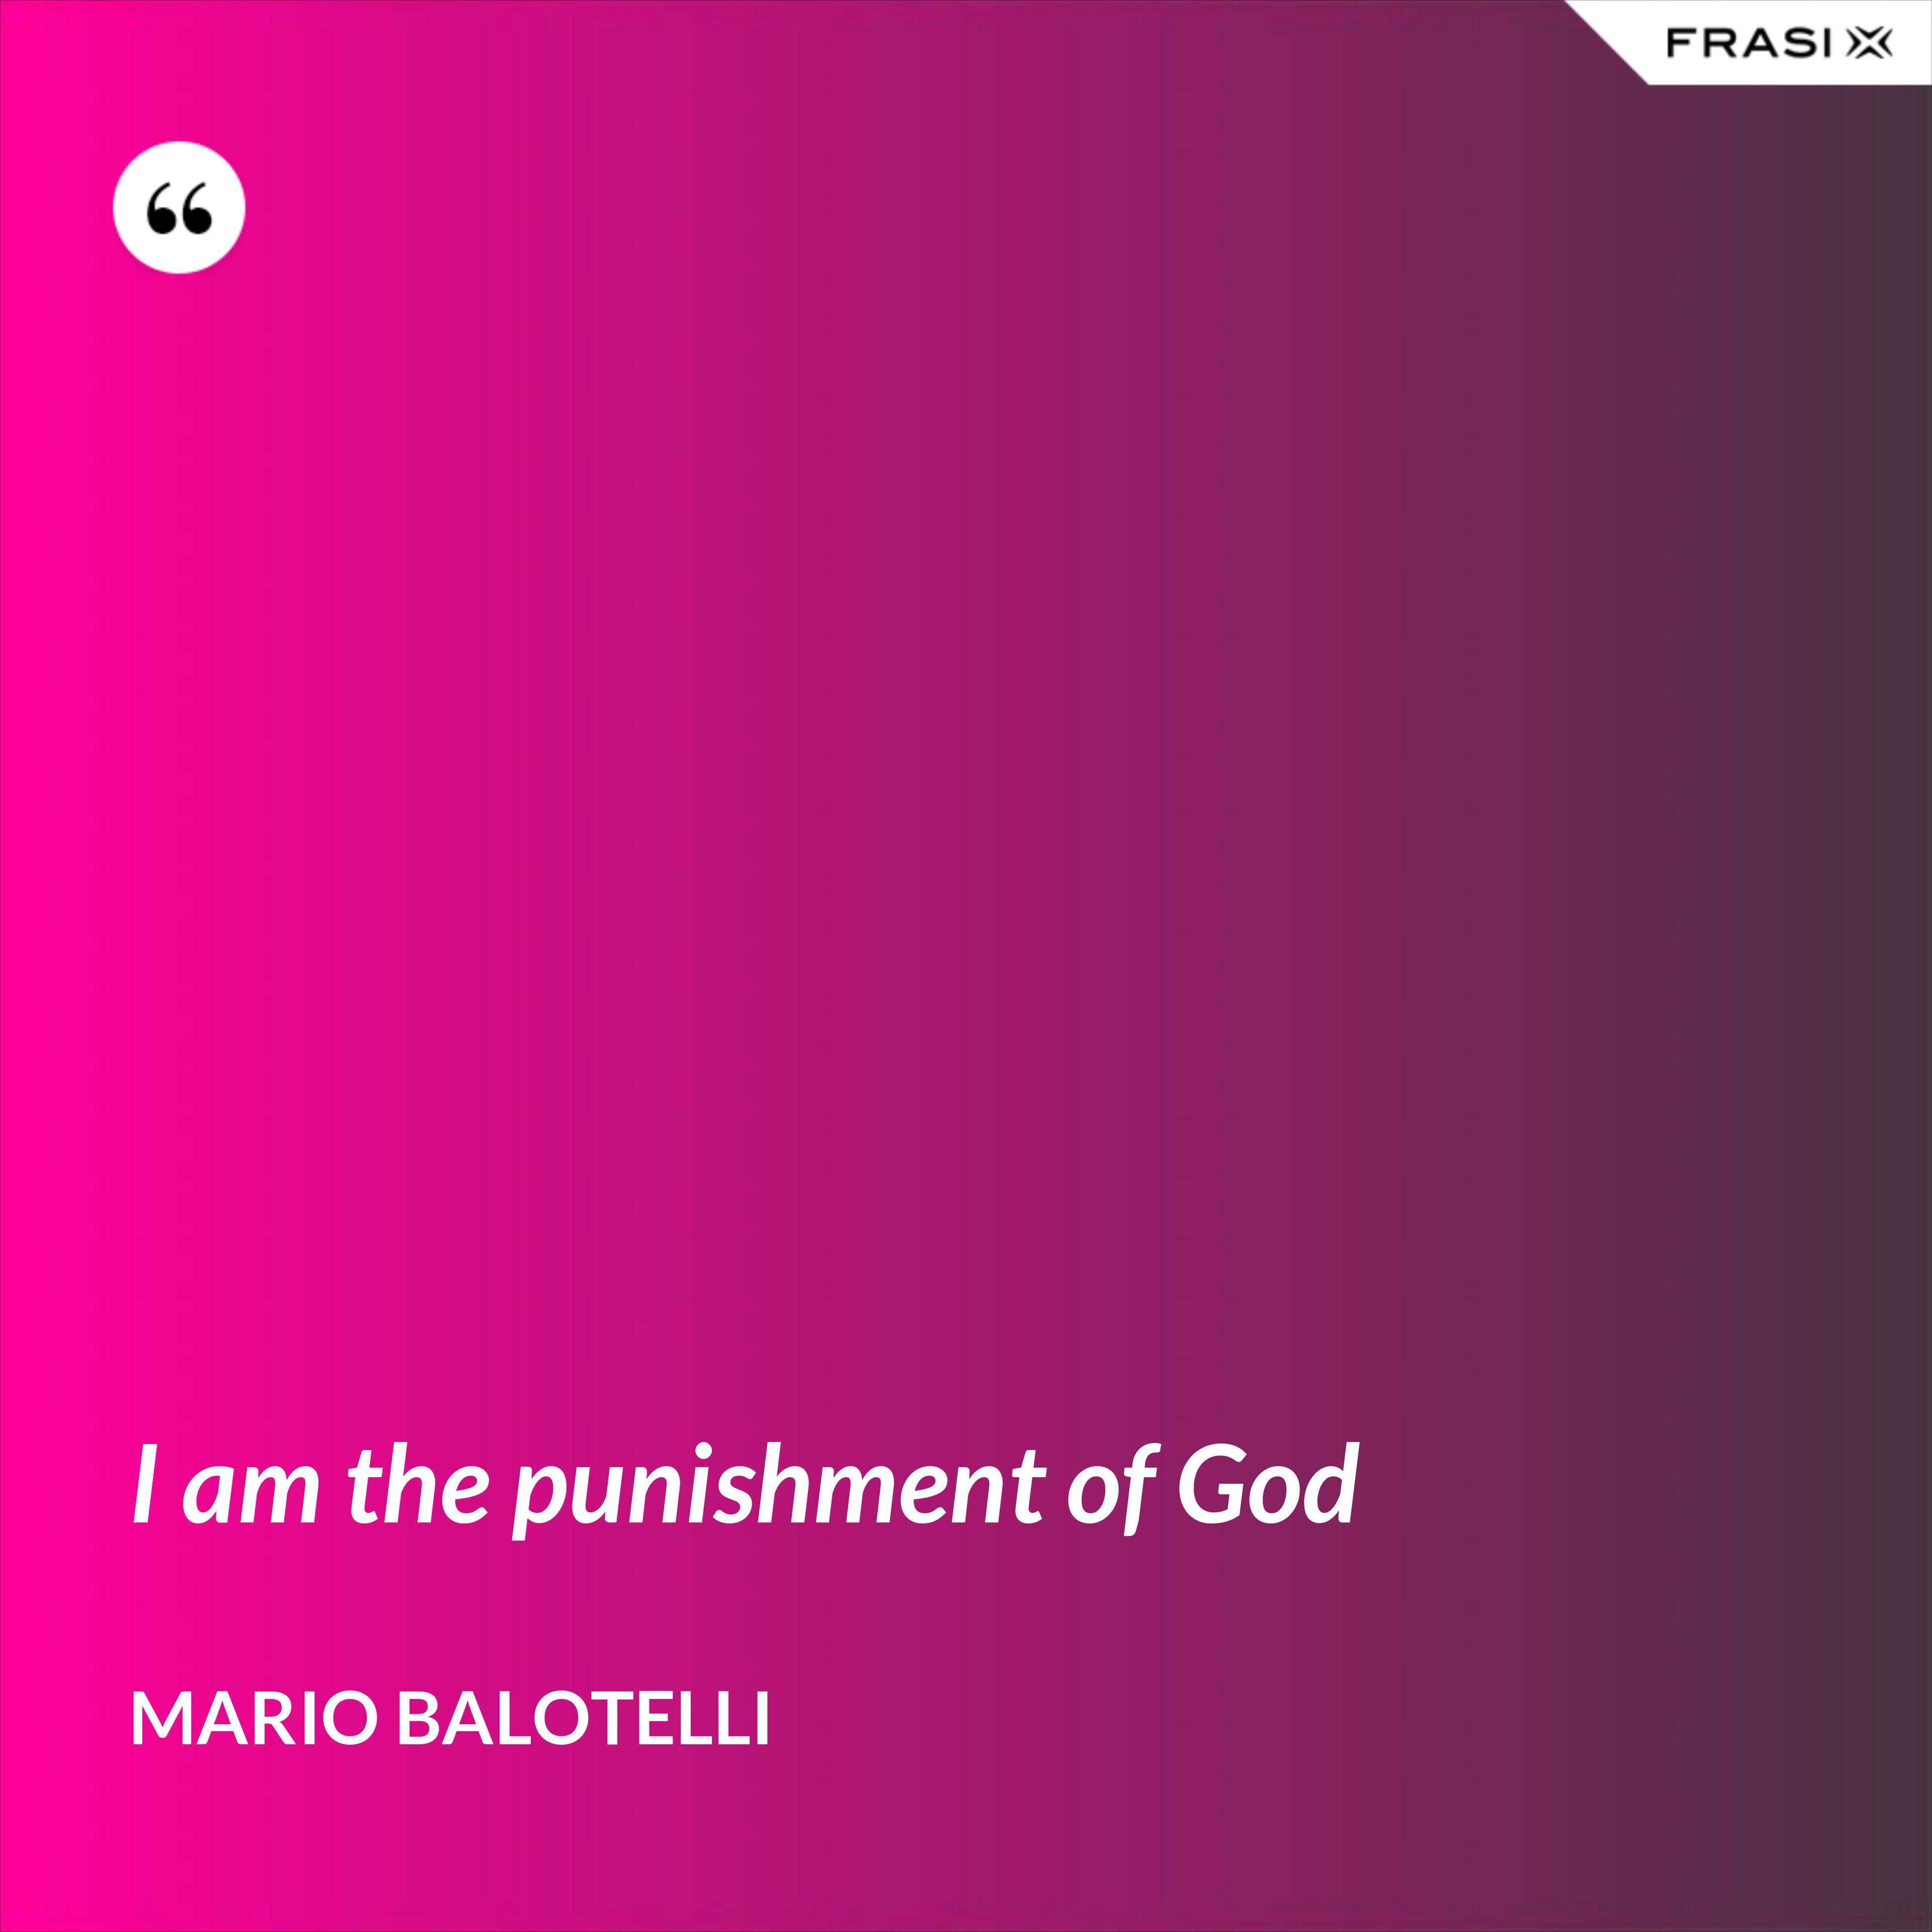 I am the punishment of God - Mario Balotelli